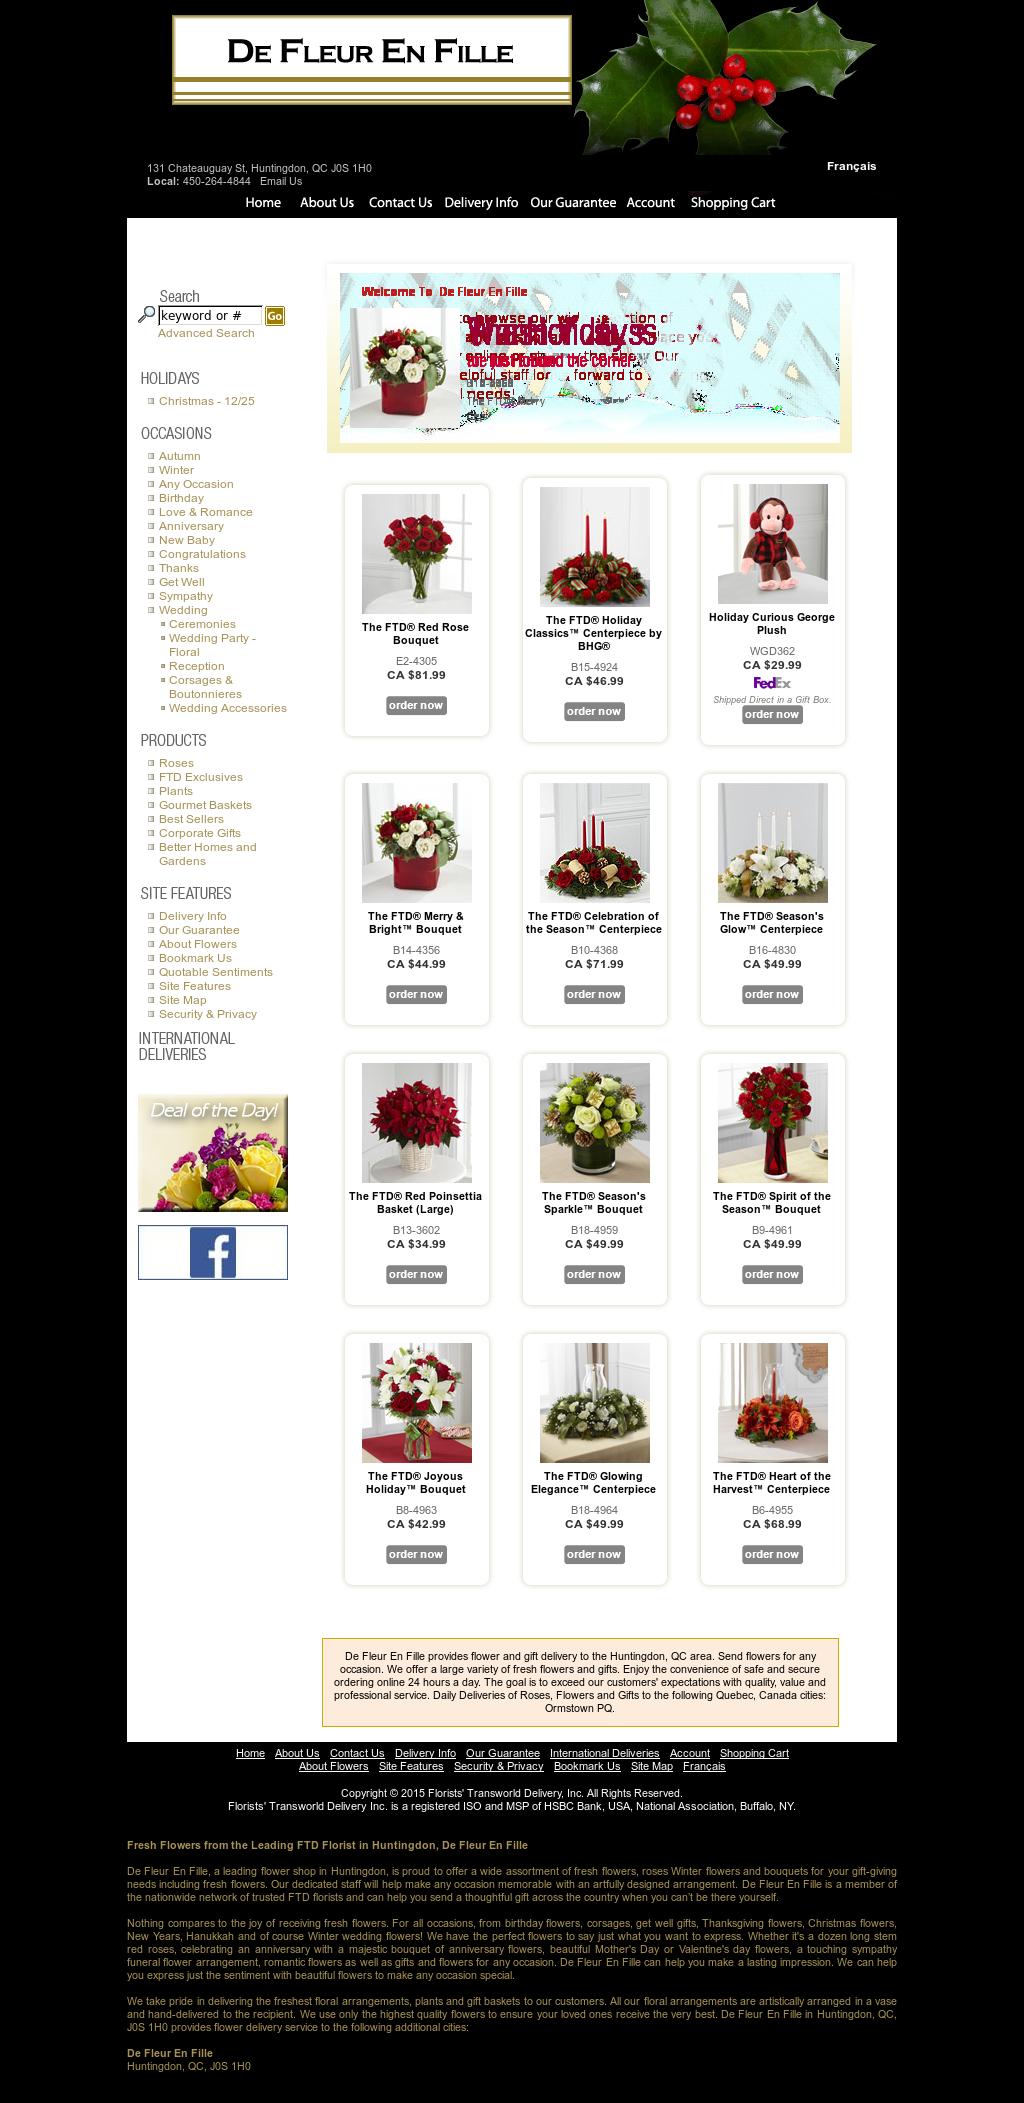 Fleuriste De Fleur En Fille Competitors, Revenue and Employees